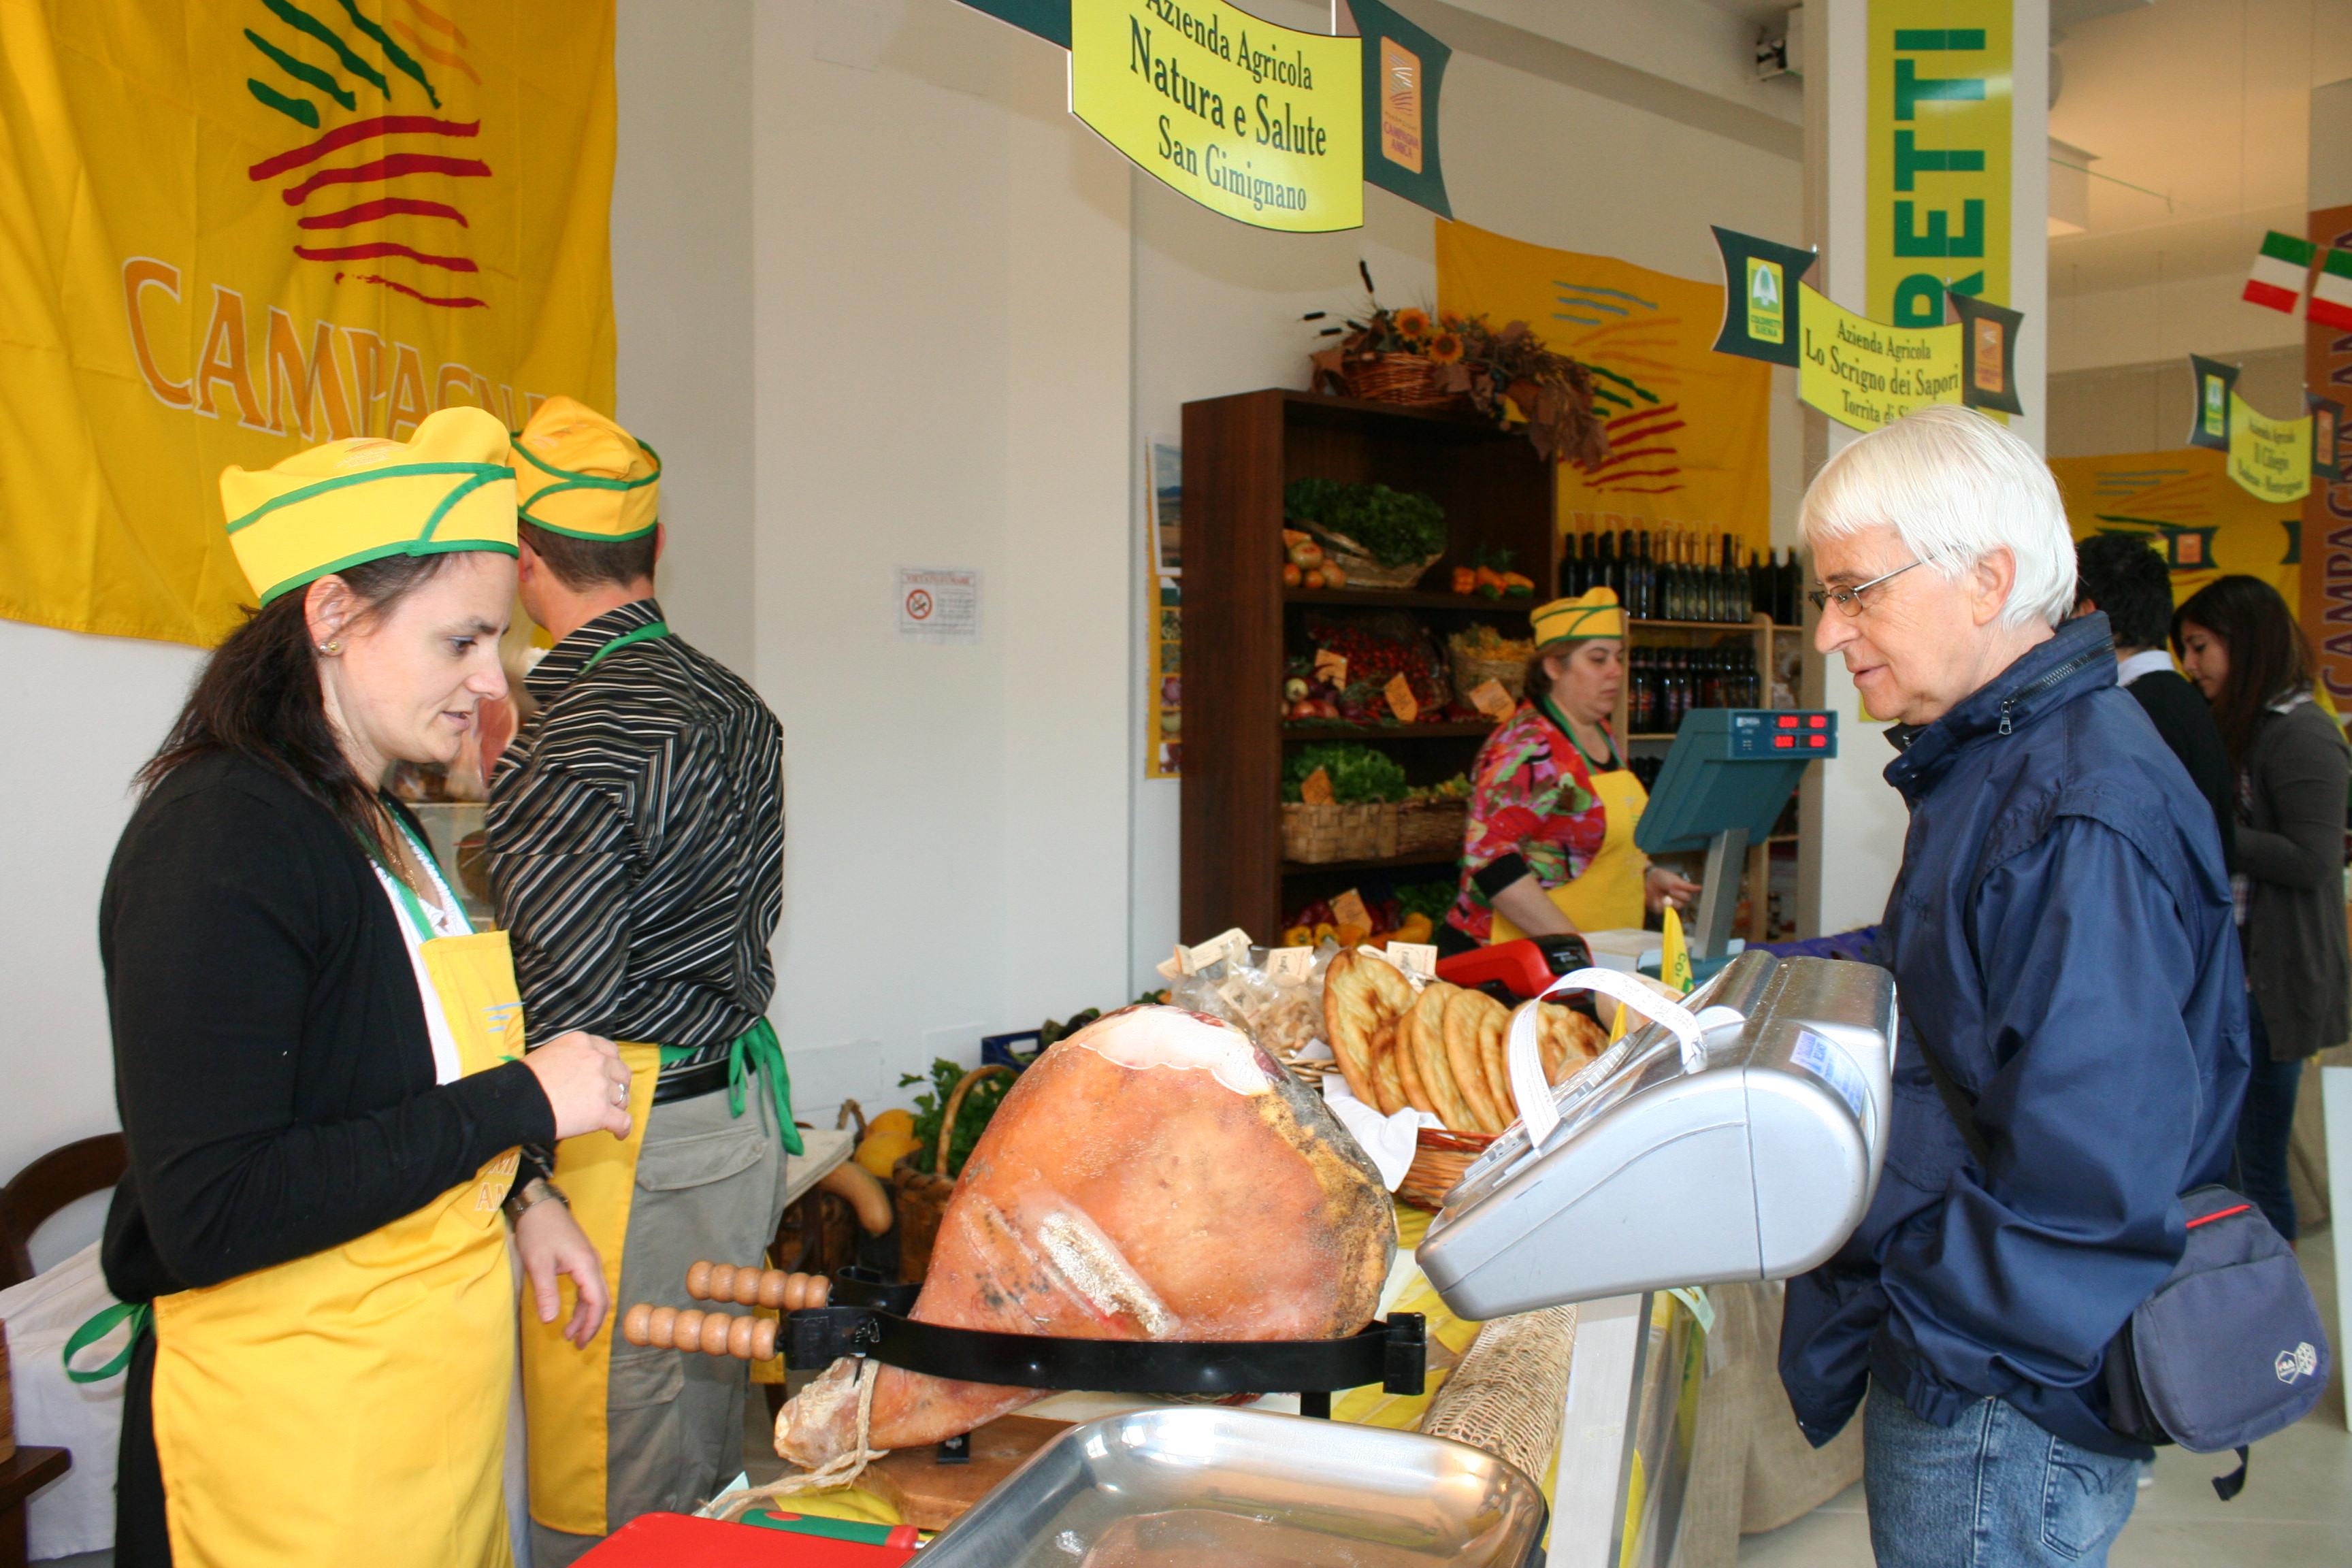 Il mercato di Campagna Amica trasloca in via Frajese